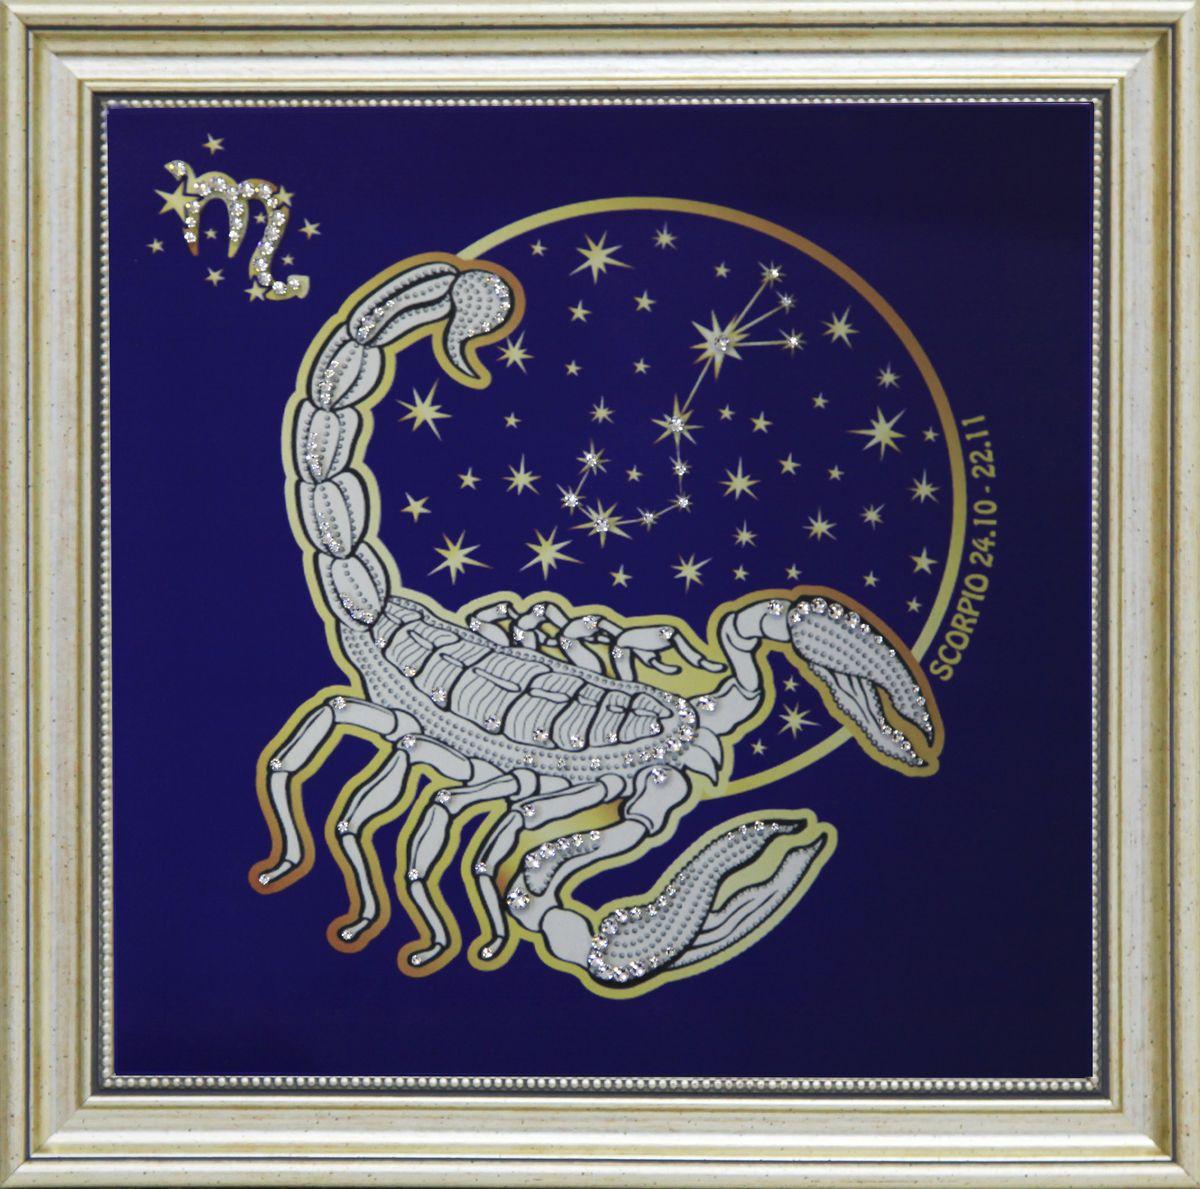 1740 Картина СваровскиЗвездный скорпион1740Картина в багете, инкрустированная кристалами сваровски